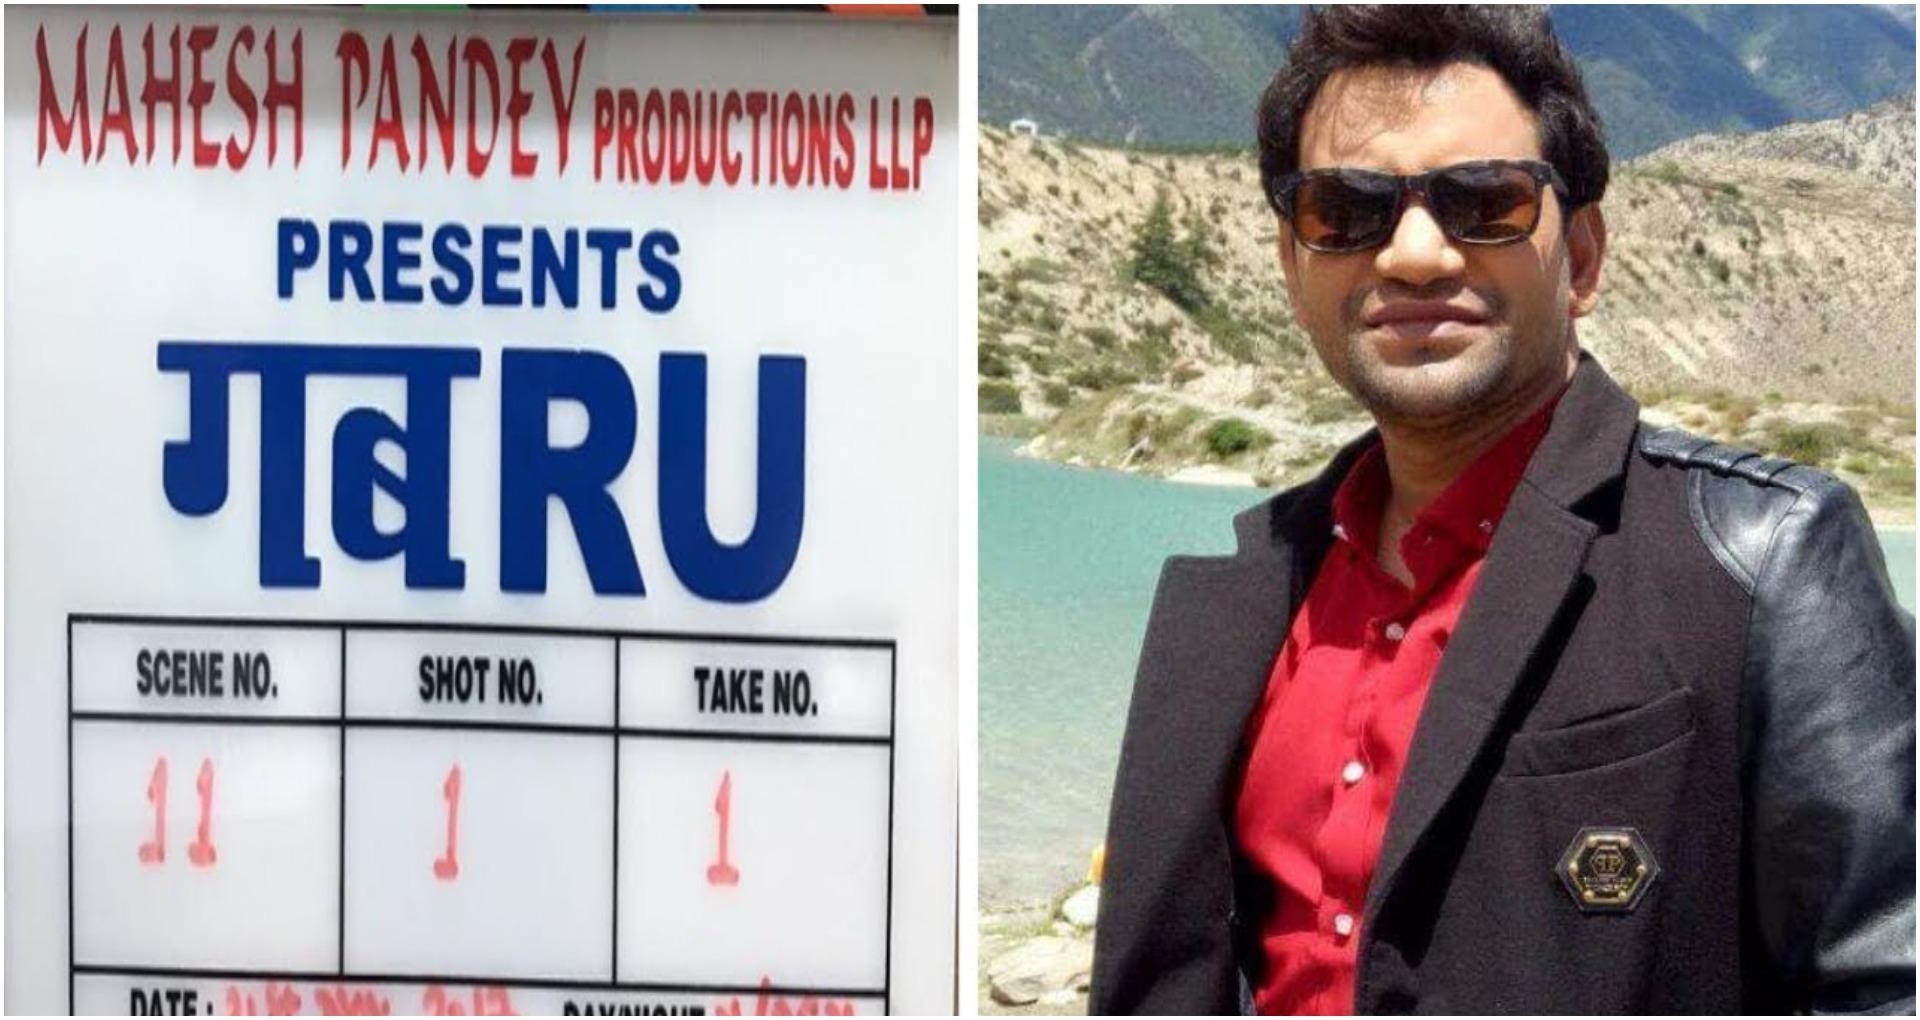 EXCLUSIVE: सालों से अटकी दिनेश लाल यादव की फिल्म गबरू रिलीज होगी या नहीं? निर्देशक महेश पांडेय का बड़ा बयान